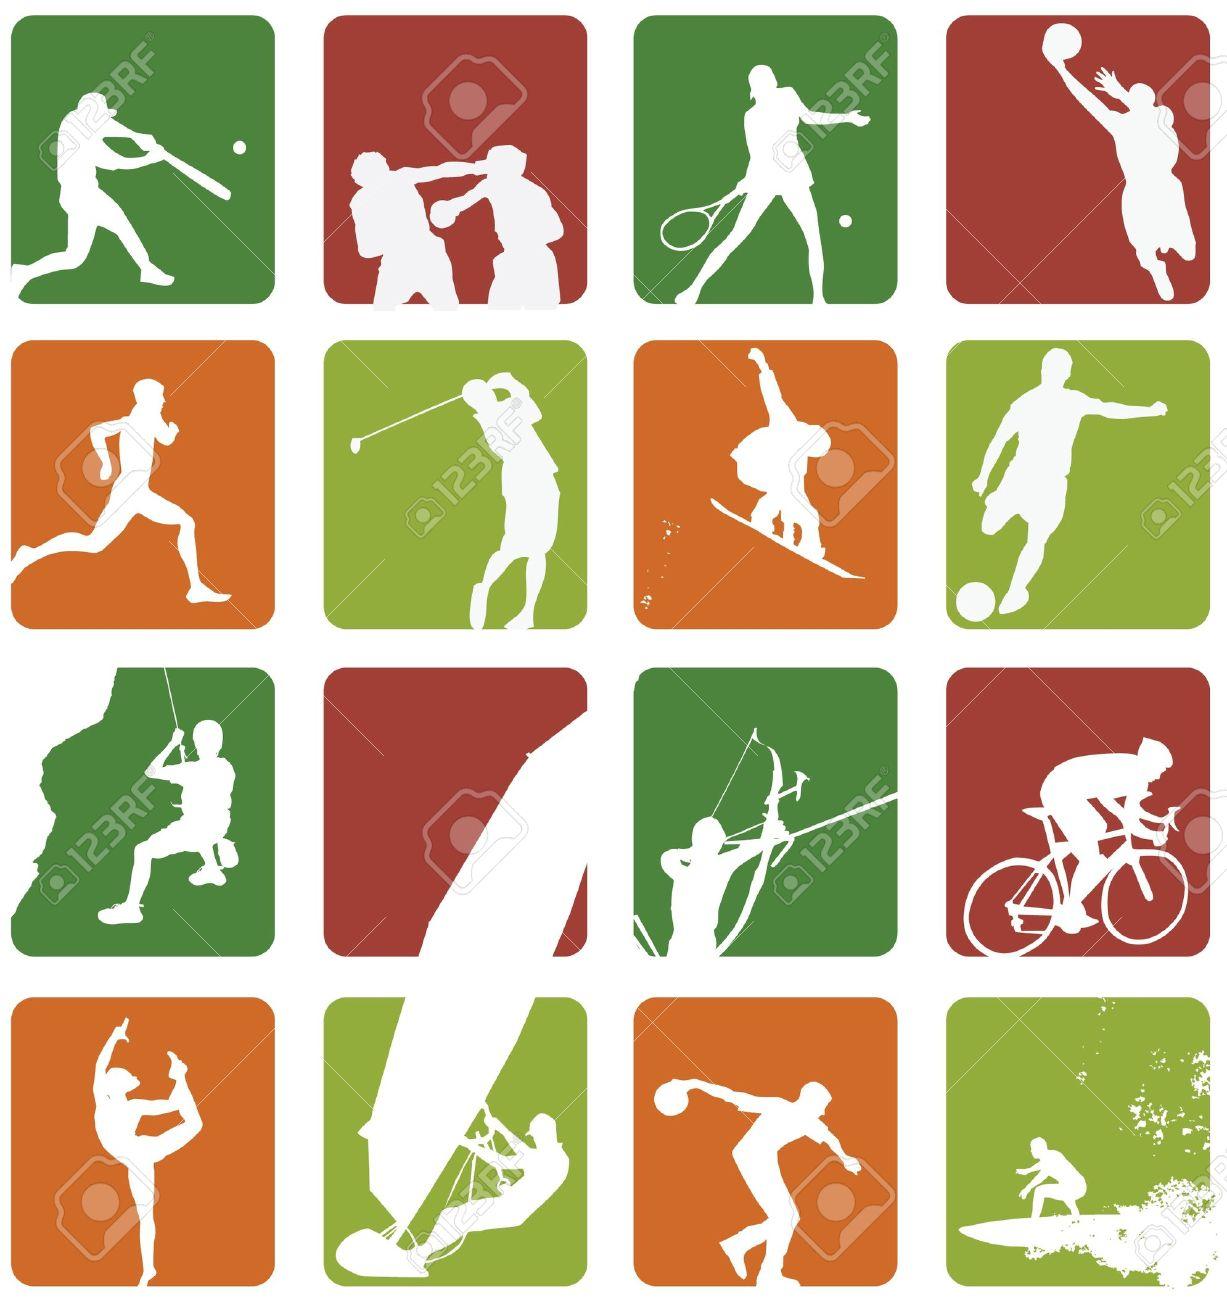 sport icon set Stock Photo - 11373095